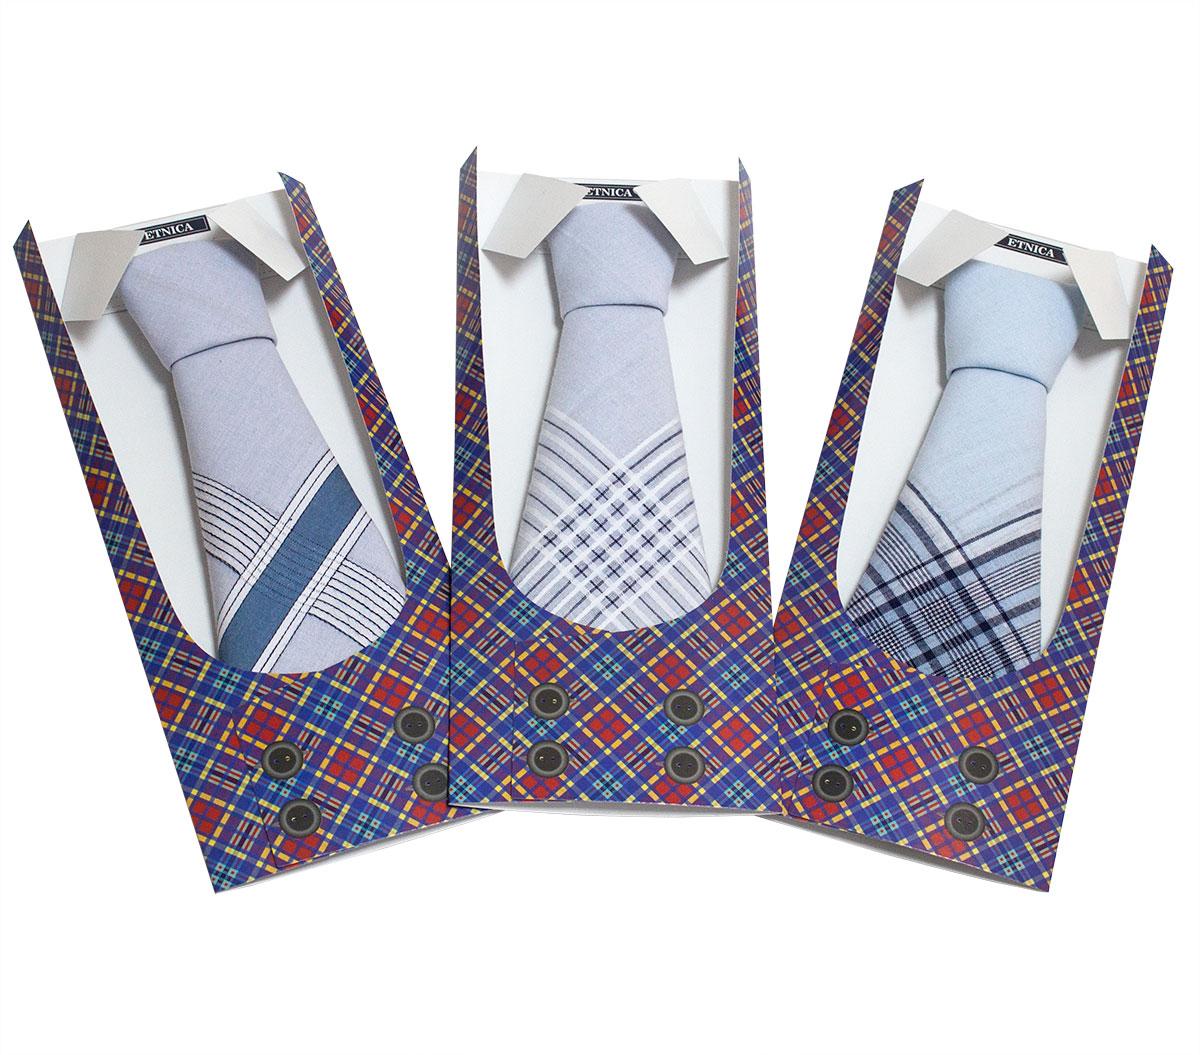 Мужской носовой платок (1 шт) Пс 07-3 Жилетка в подарочной упаковке, в ассортименте